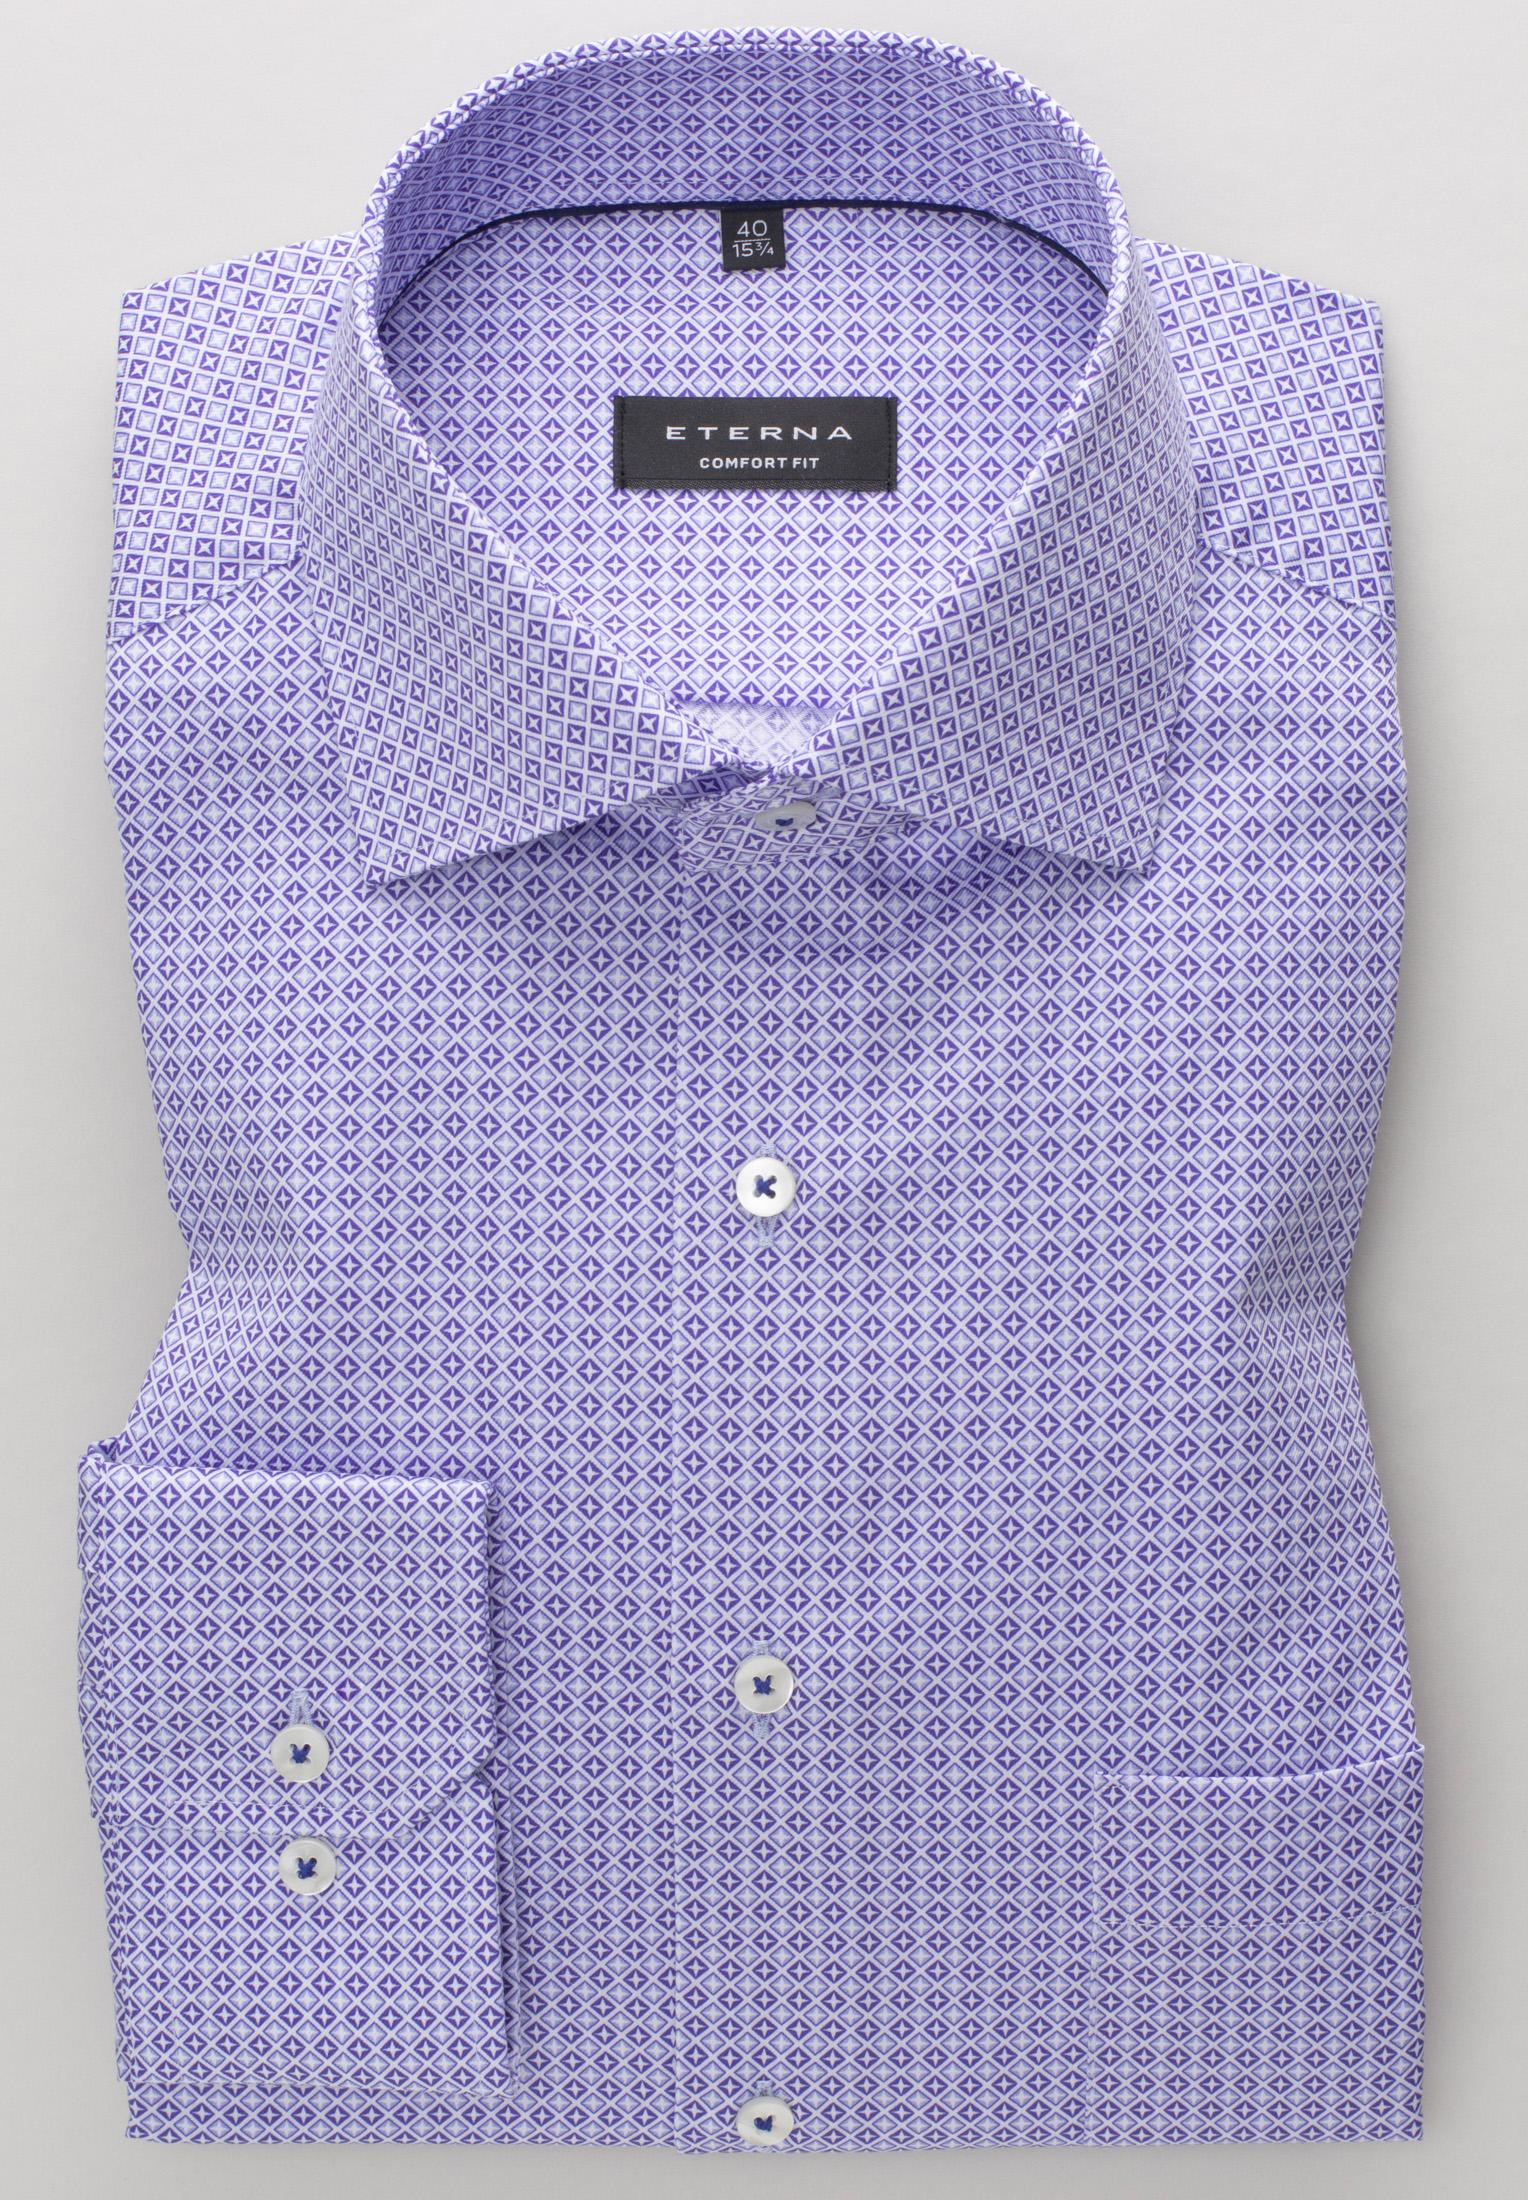 Eterna LS skjorte, comfort fit